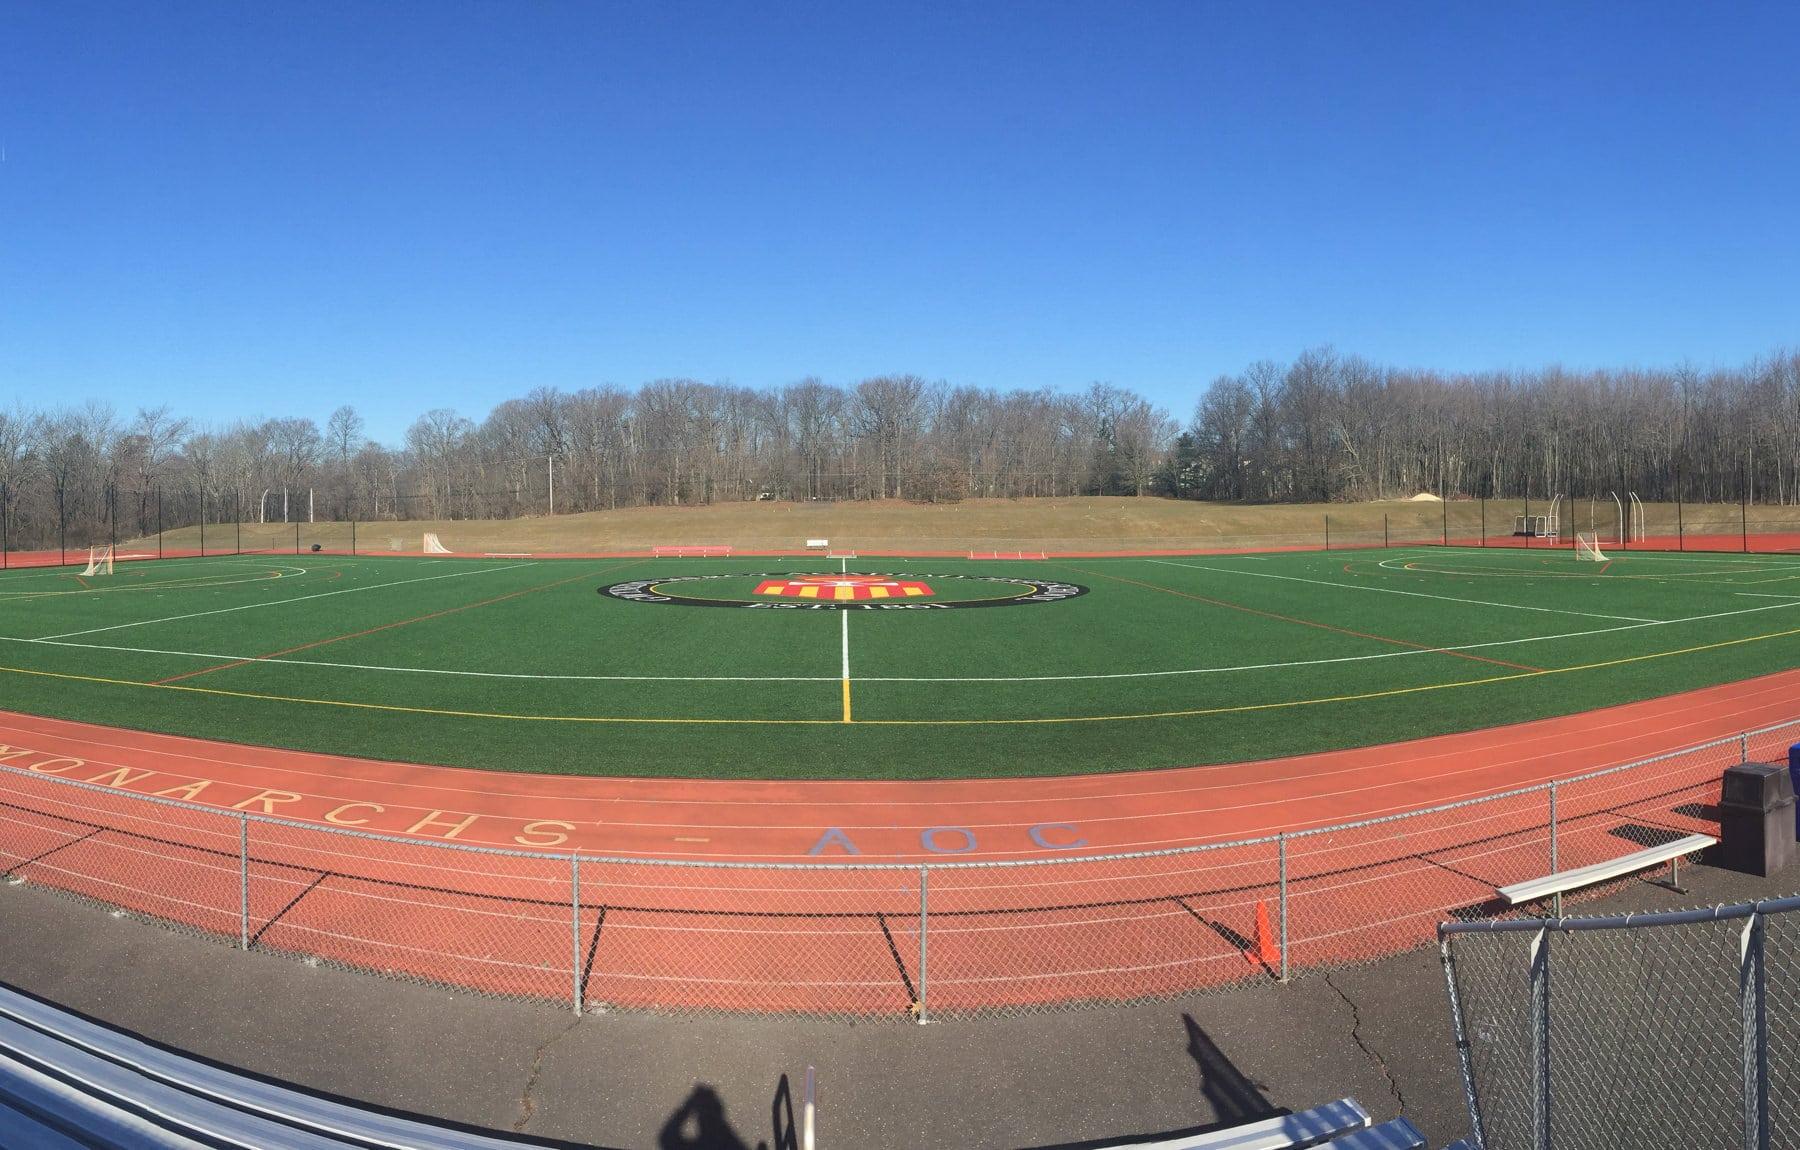 Gwynedd Mercy Academy High School Athletic Complex